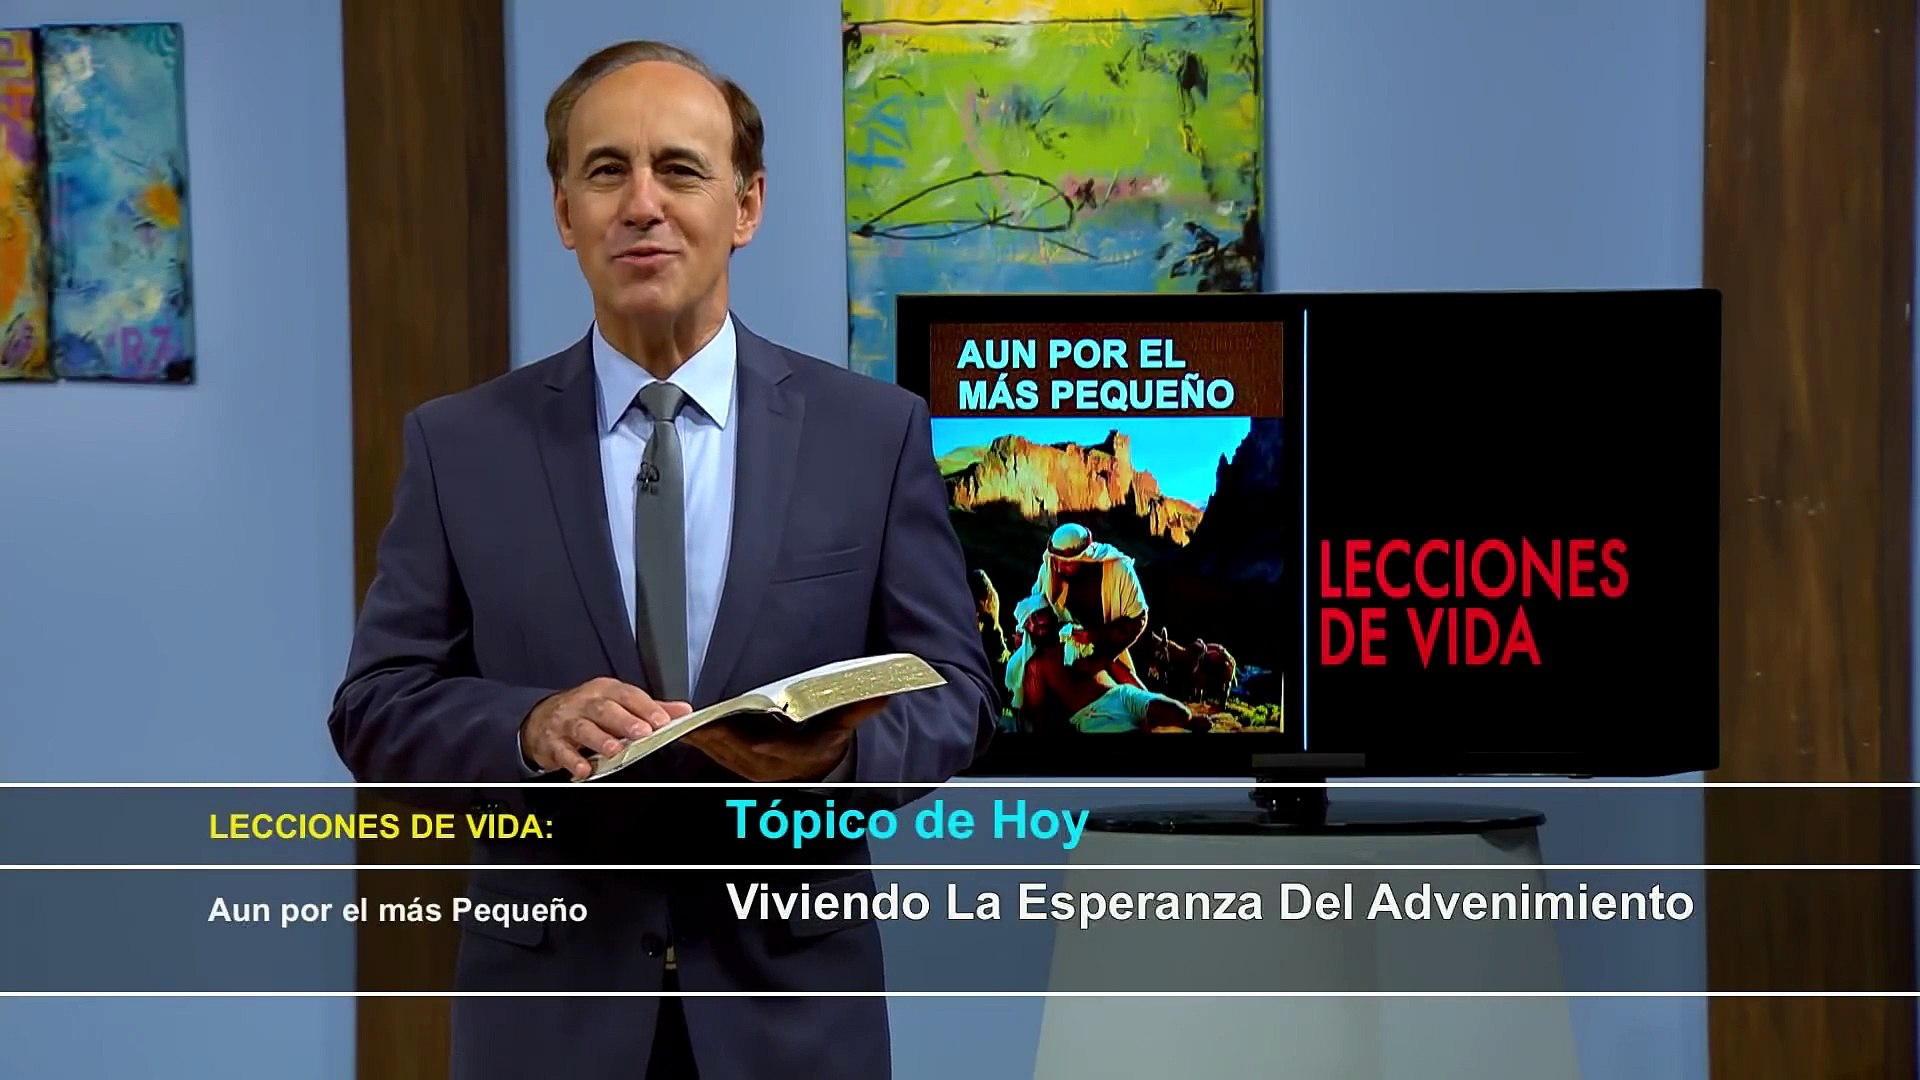 Leccion 11: De que manera vivir la esperanza adventista - Lecciones de Vida | Pr Robert Costa